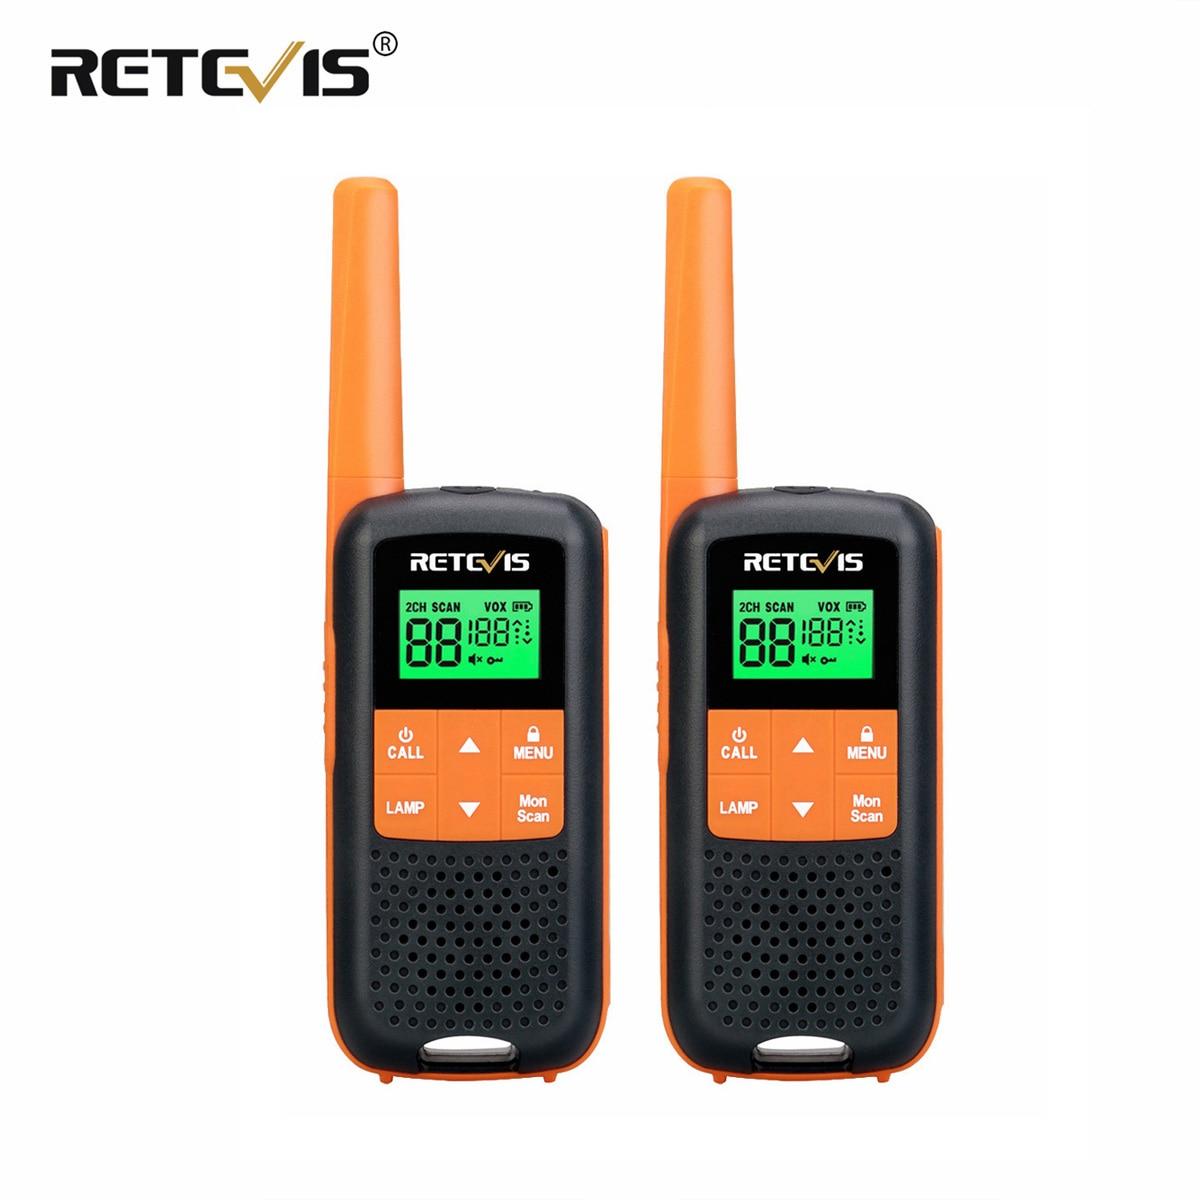 Портативная рация Retevis RT649/RT49 2 шт. IP65 водонепроницаемые рации для охоты UHF PMR446 FRS аварийная двухсторонняя рация портативная